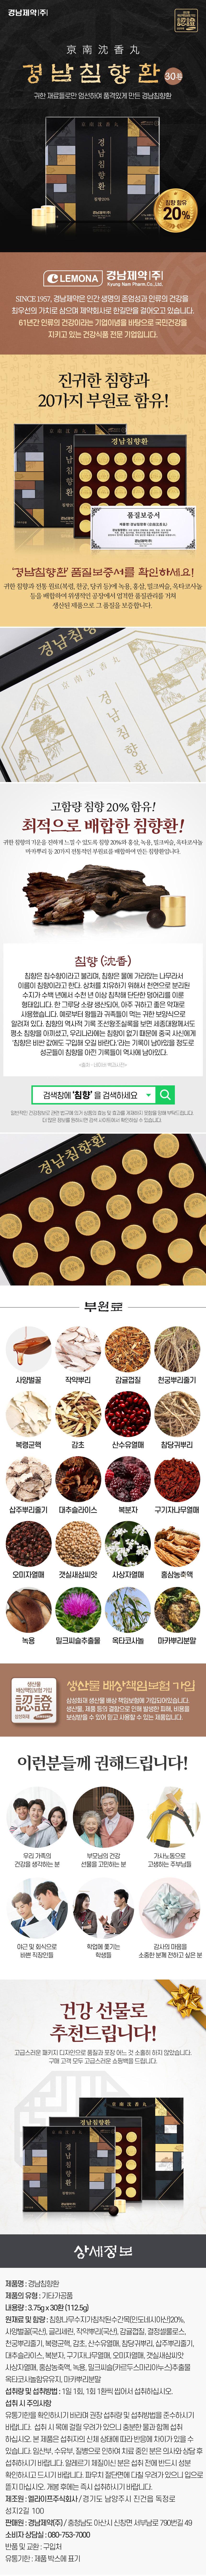 KyungNamPharm30p_detail.jpg